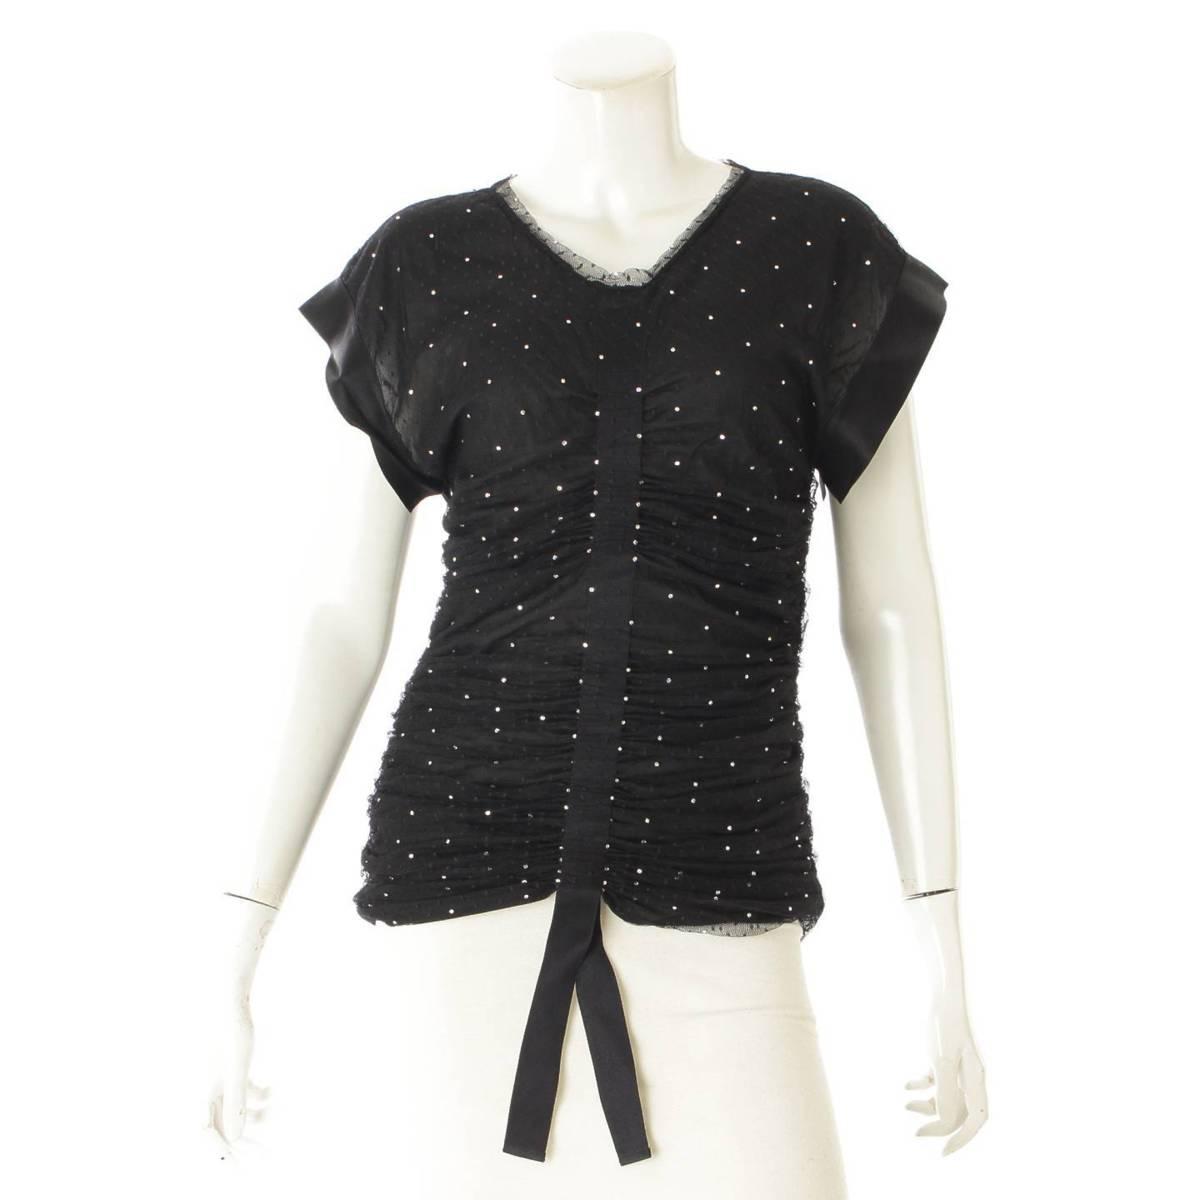 【シャネル】Chanel 20SS La Pausa チュール ギャザー ワンピース Tシャツ P64269 ブラック 38 【中古】【鑑定済・正規品保証】97984